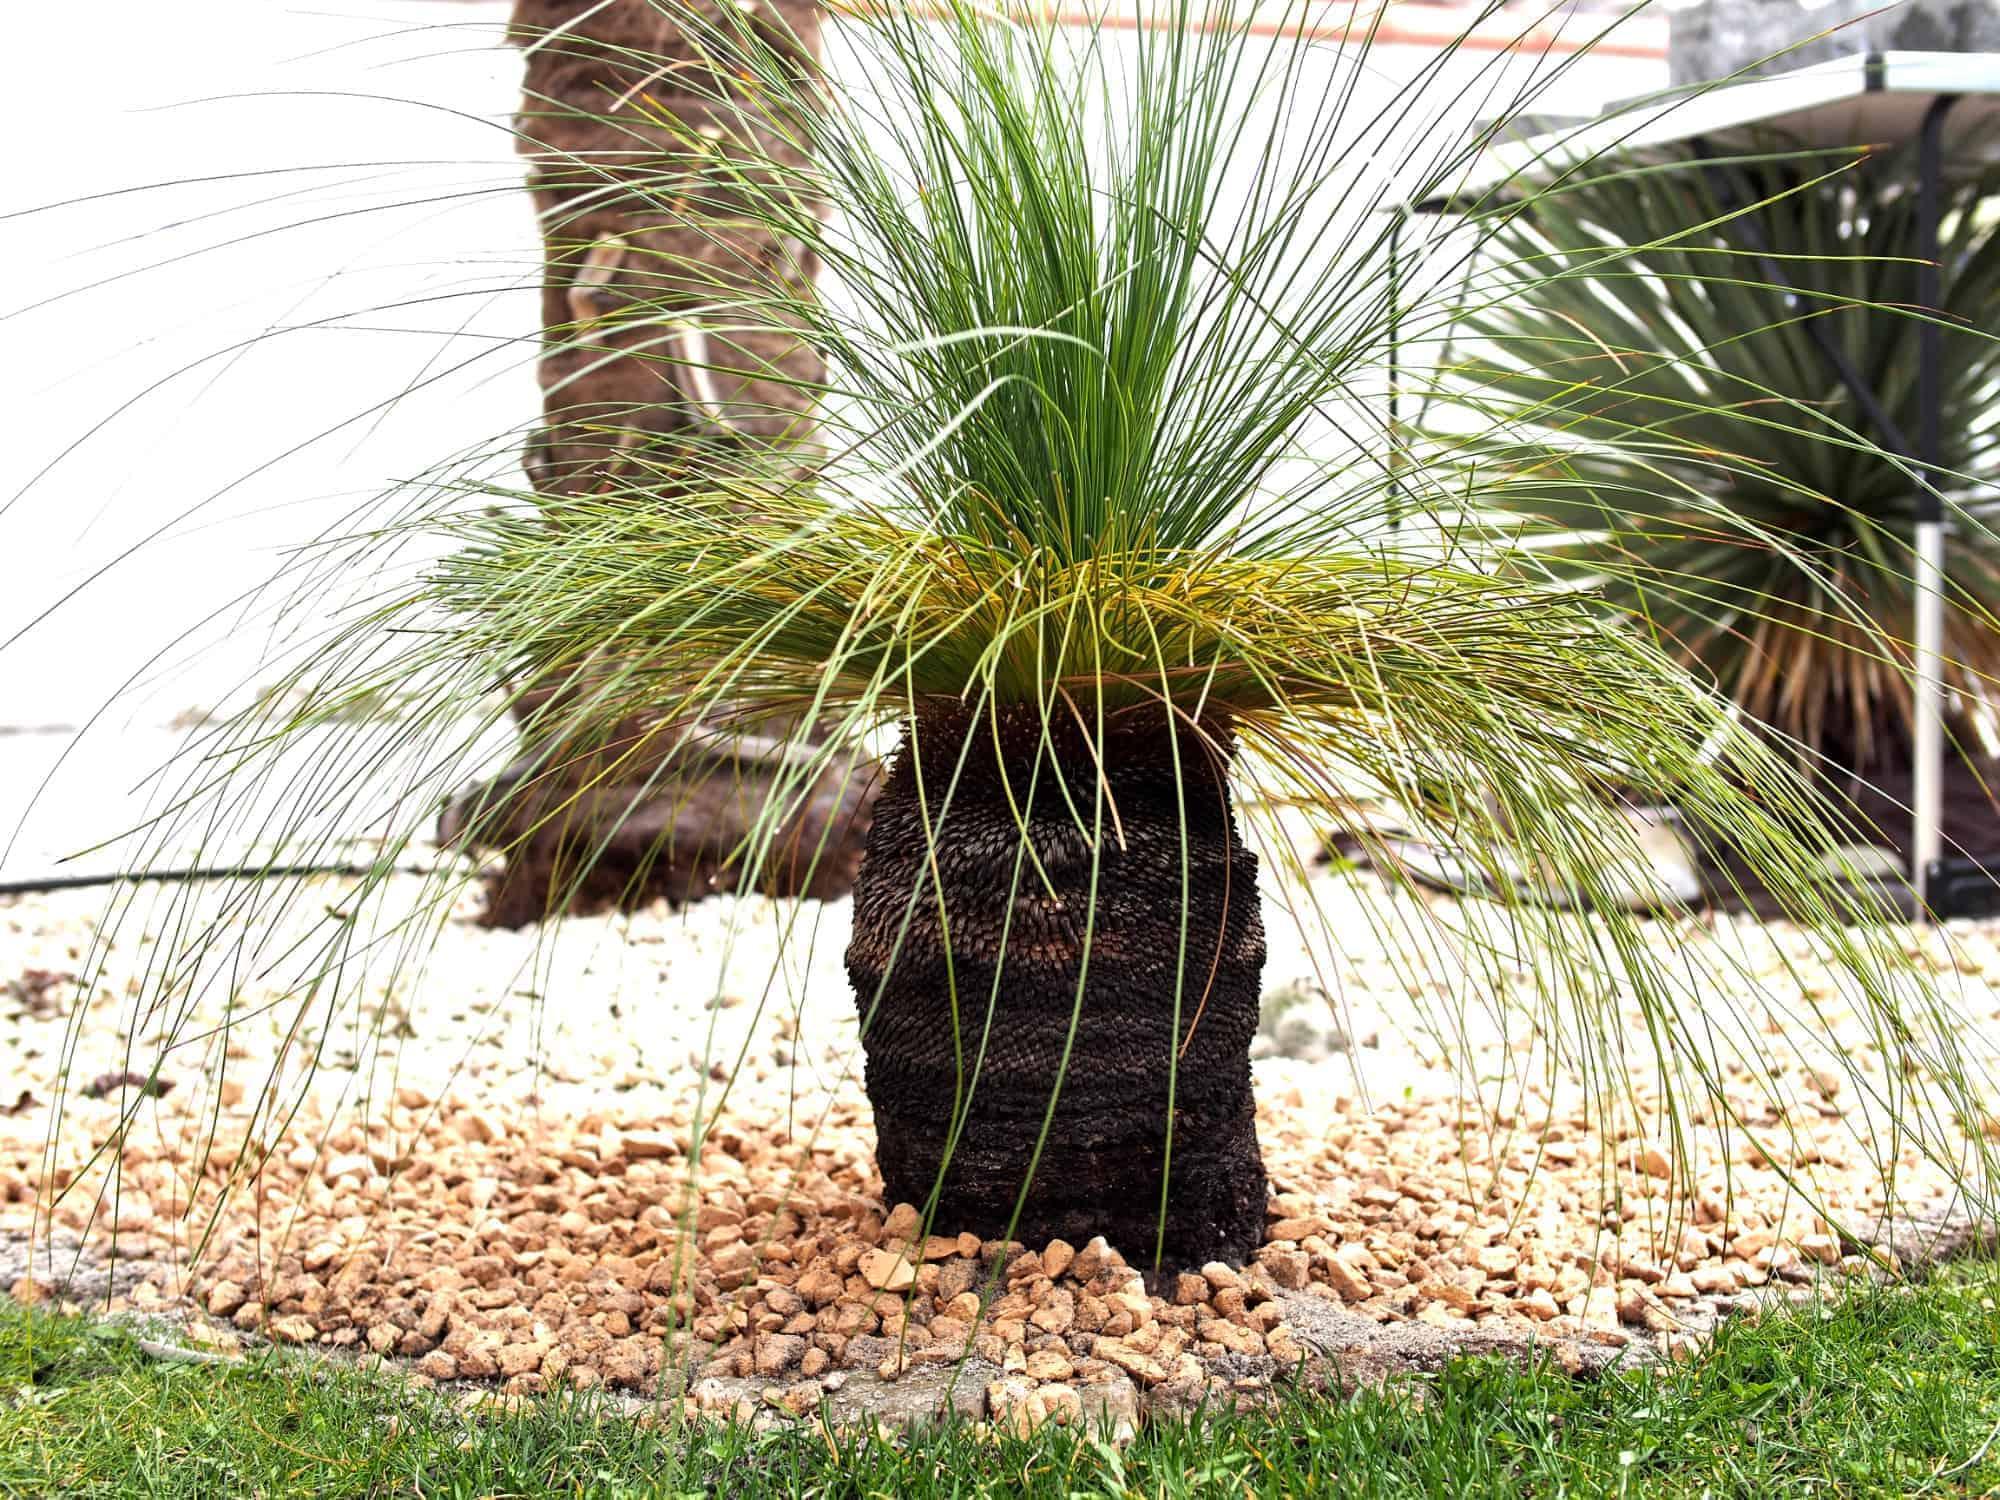 Grasbaum: Steckbrief 1